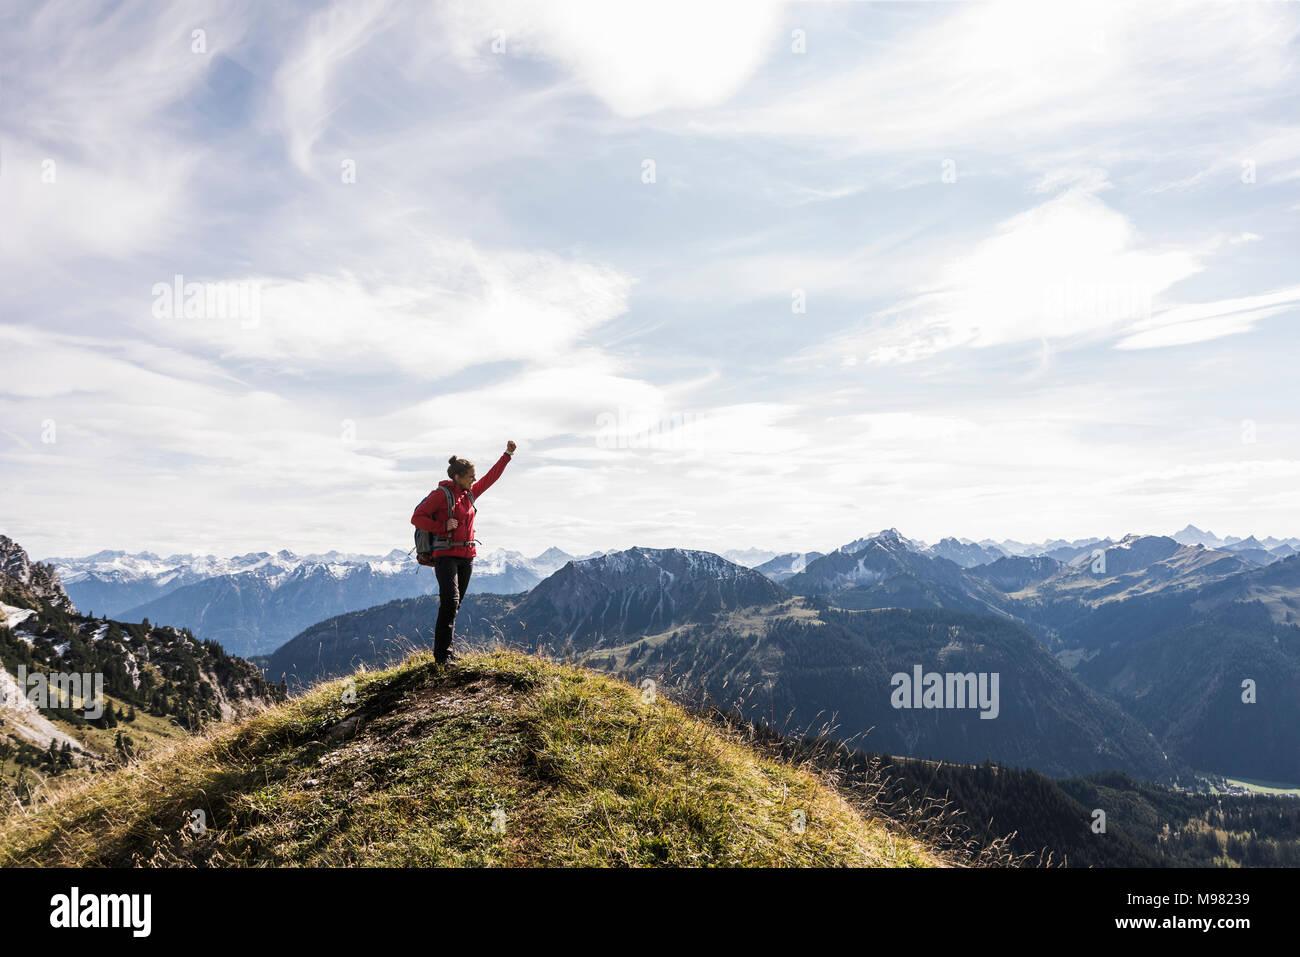 Austria, Tirol, joven en permanente mountainscape vítores Imagen De Stock